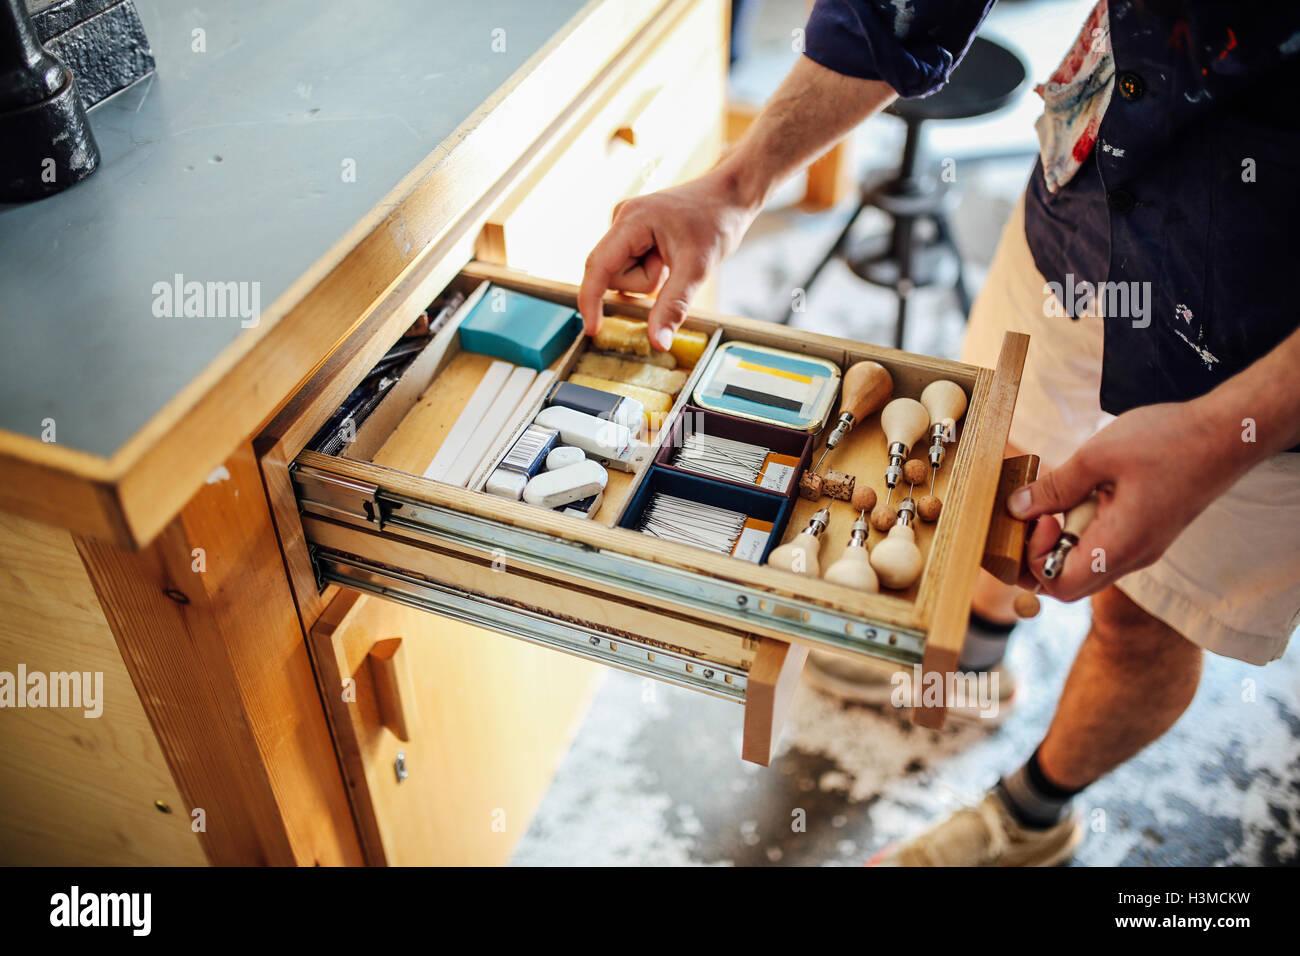 Main dans la main n'ouvrir le tiroir contenant de l'équipement et des matériaux dans l'atelier Photo Stock